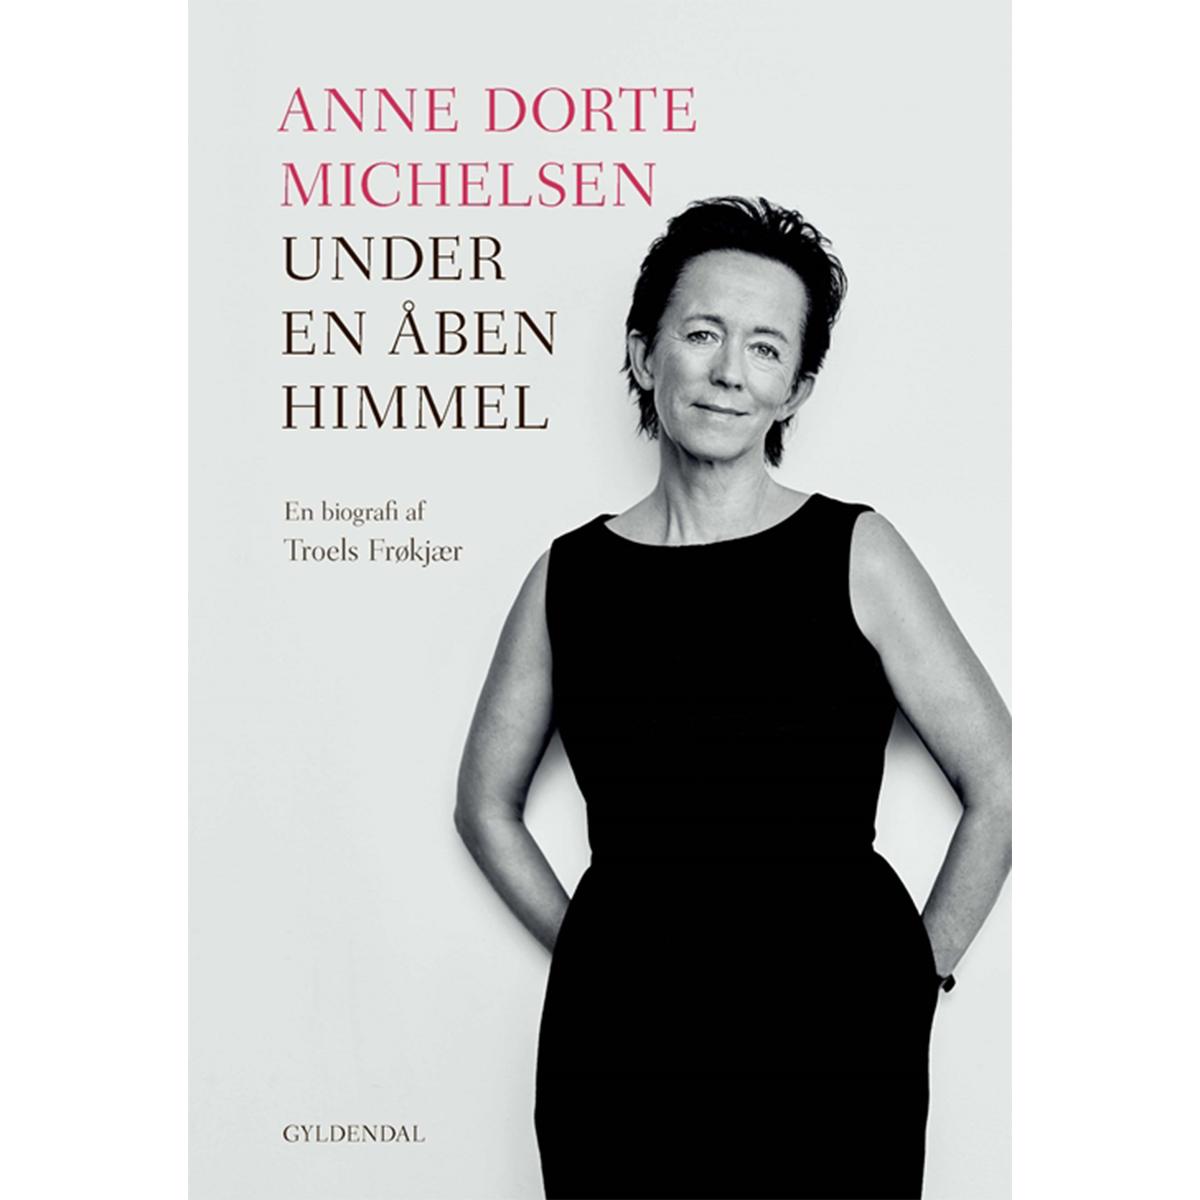 Billede af Anne Dorte Michelsen - under en åben himmel - Hæftet